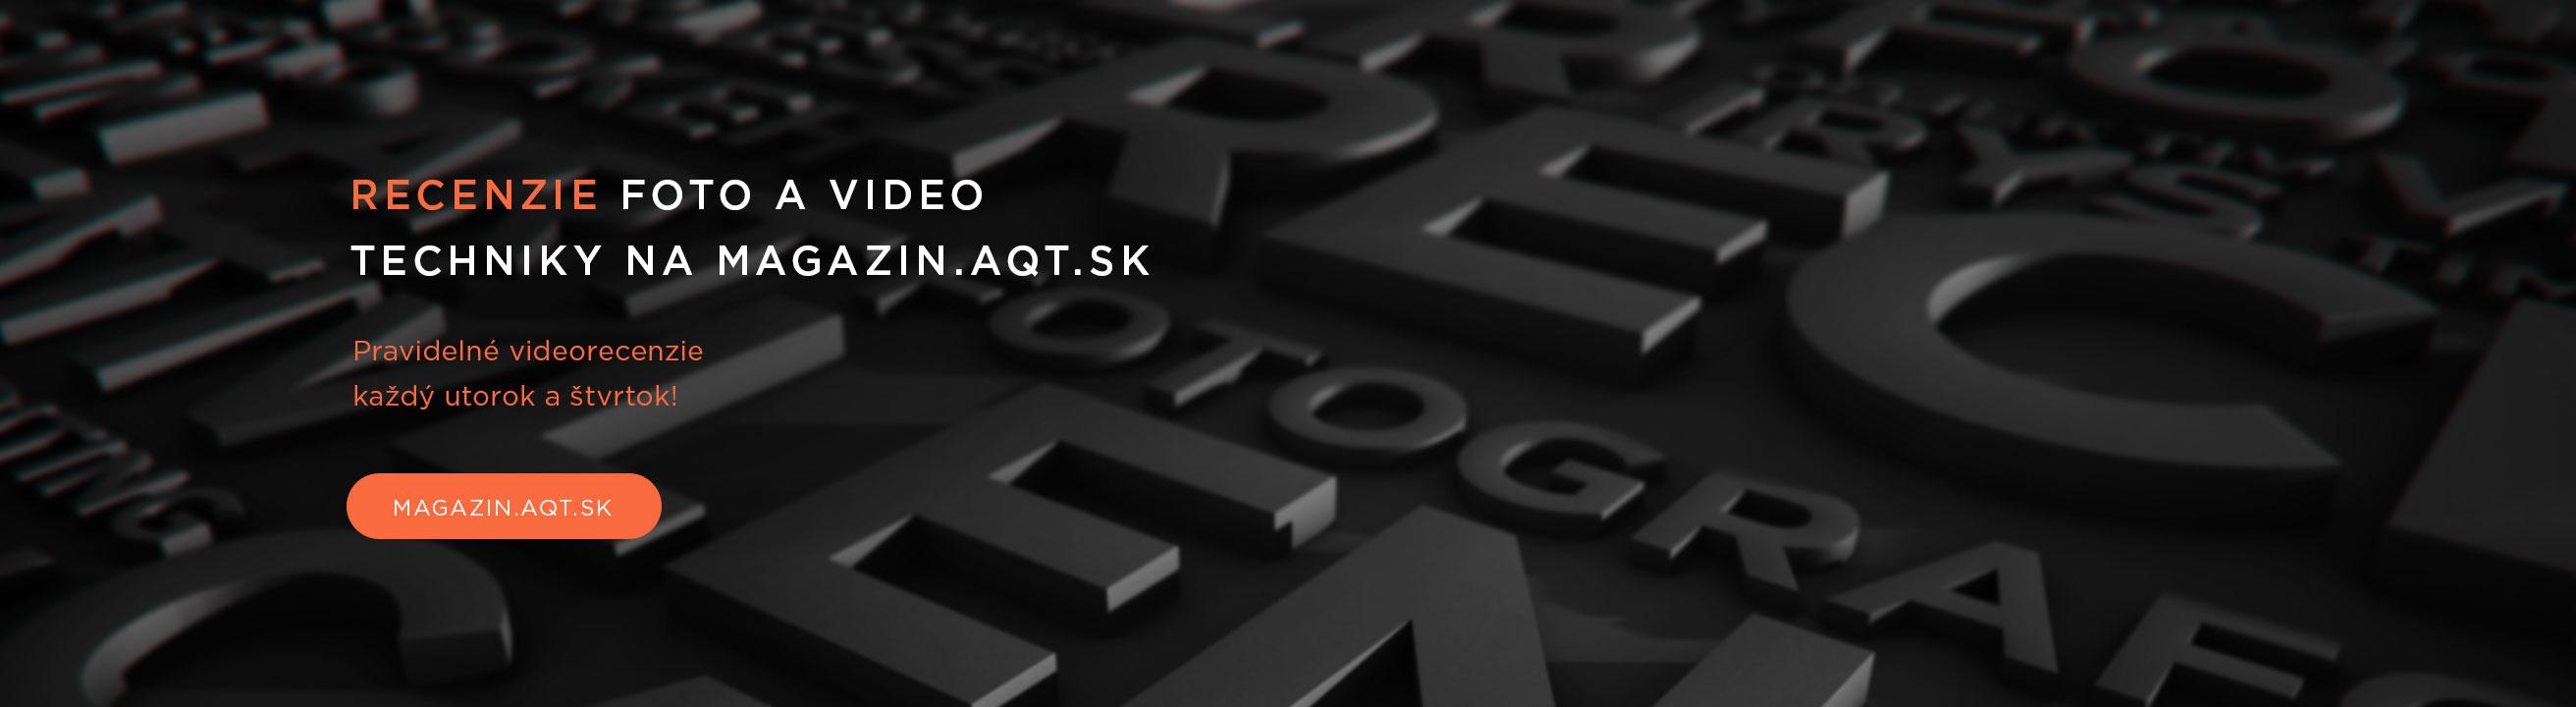 Recenzie foto a videotechniky na magazin.aqt.sk